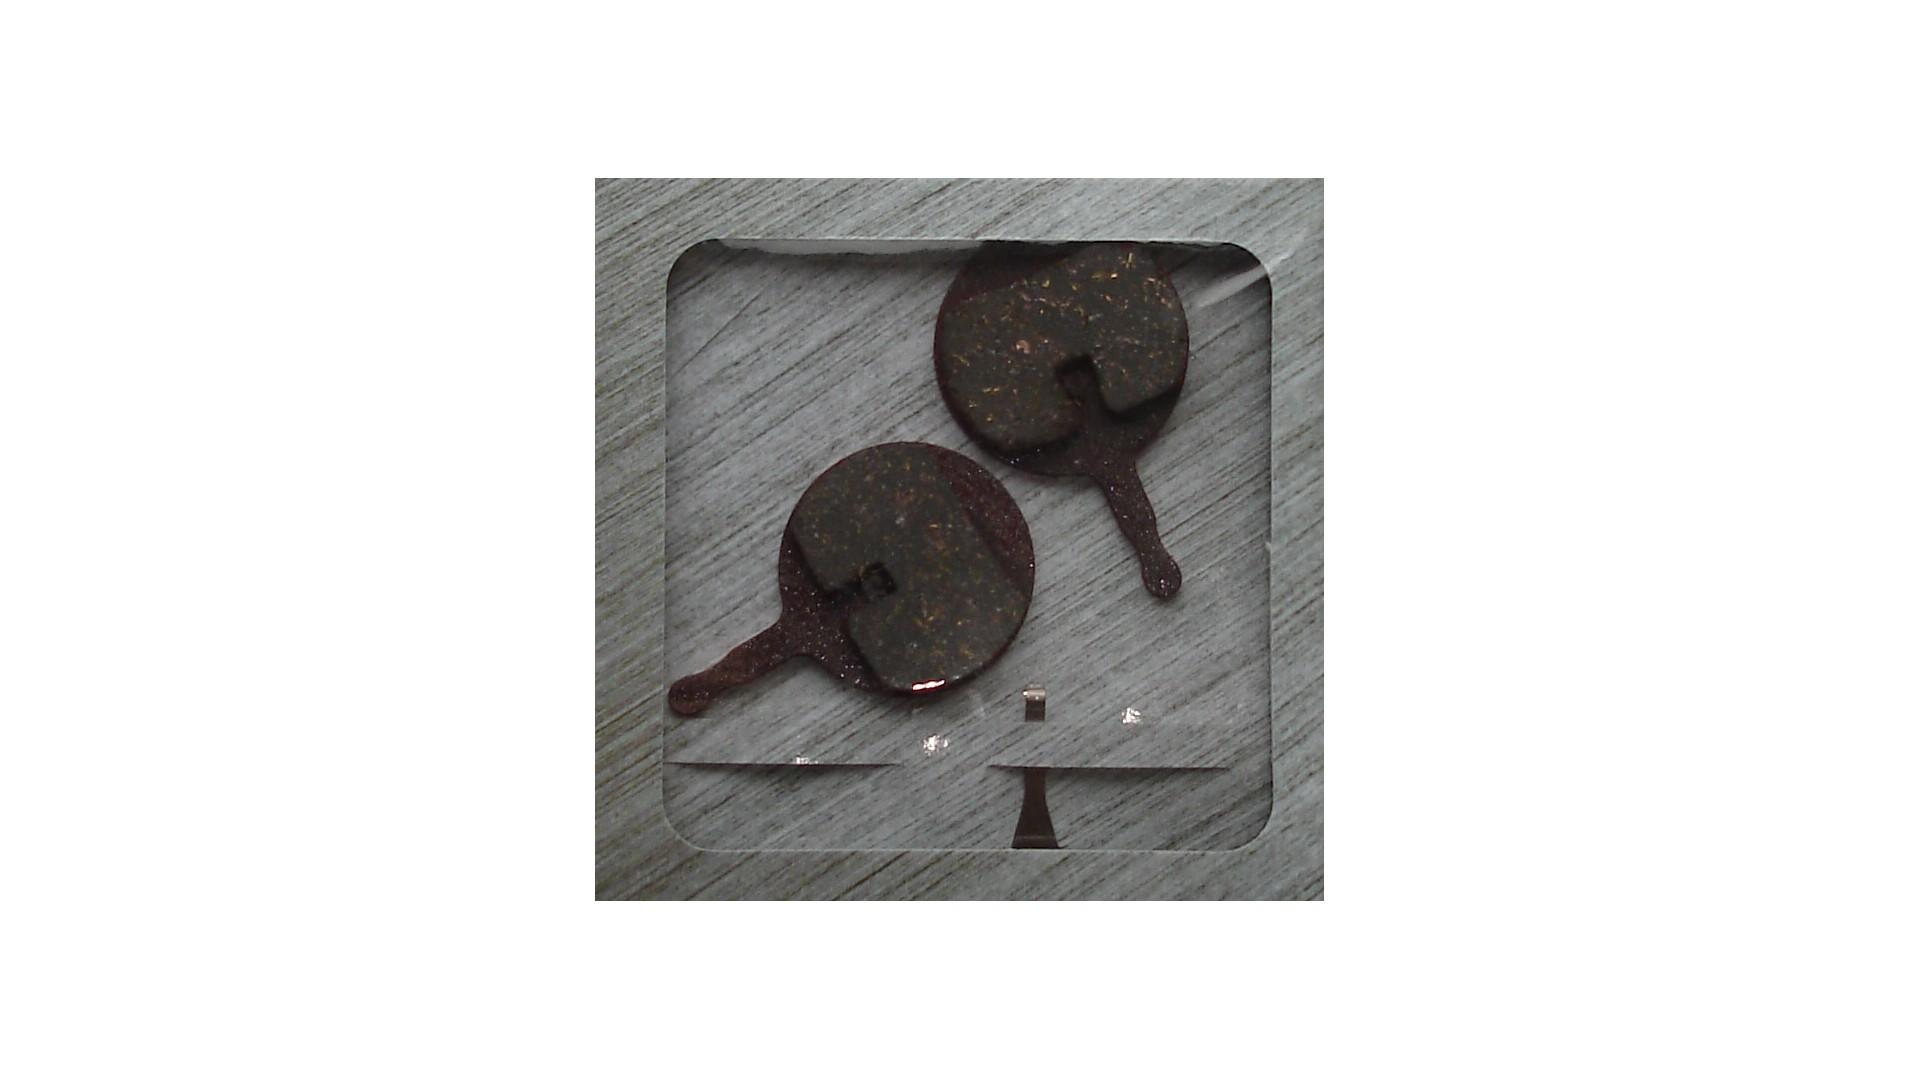 Тормозные колодки Quaxar Avid BB5 для дисковых тормозов